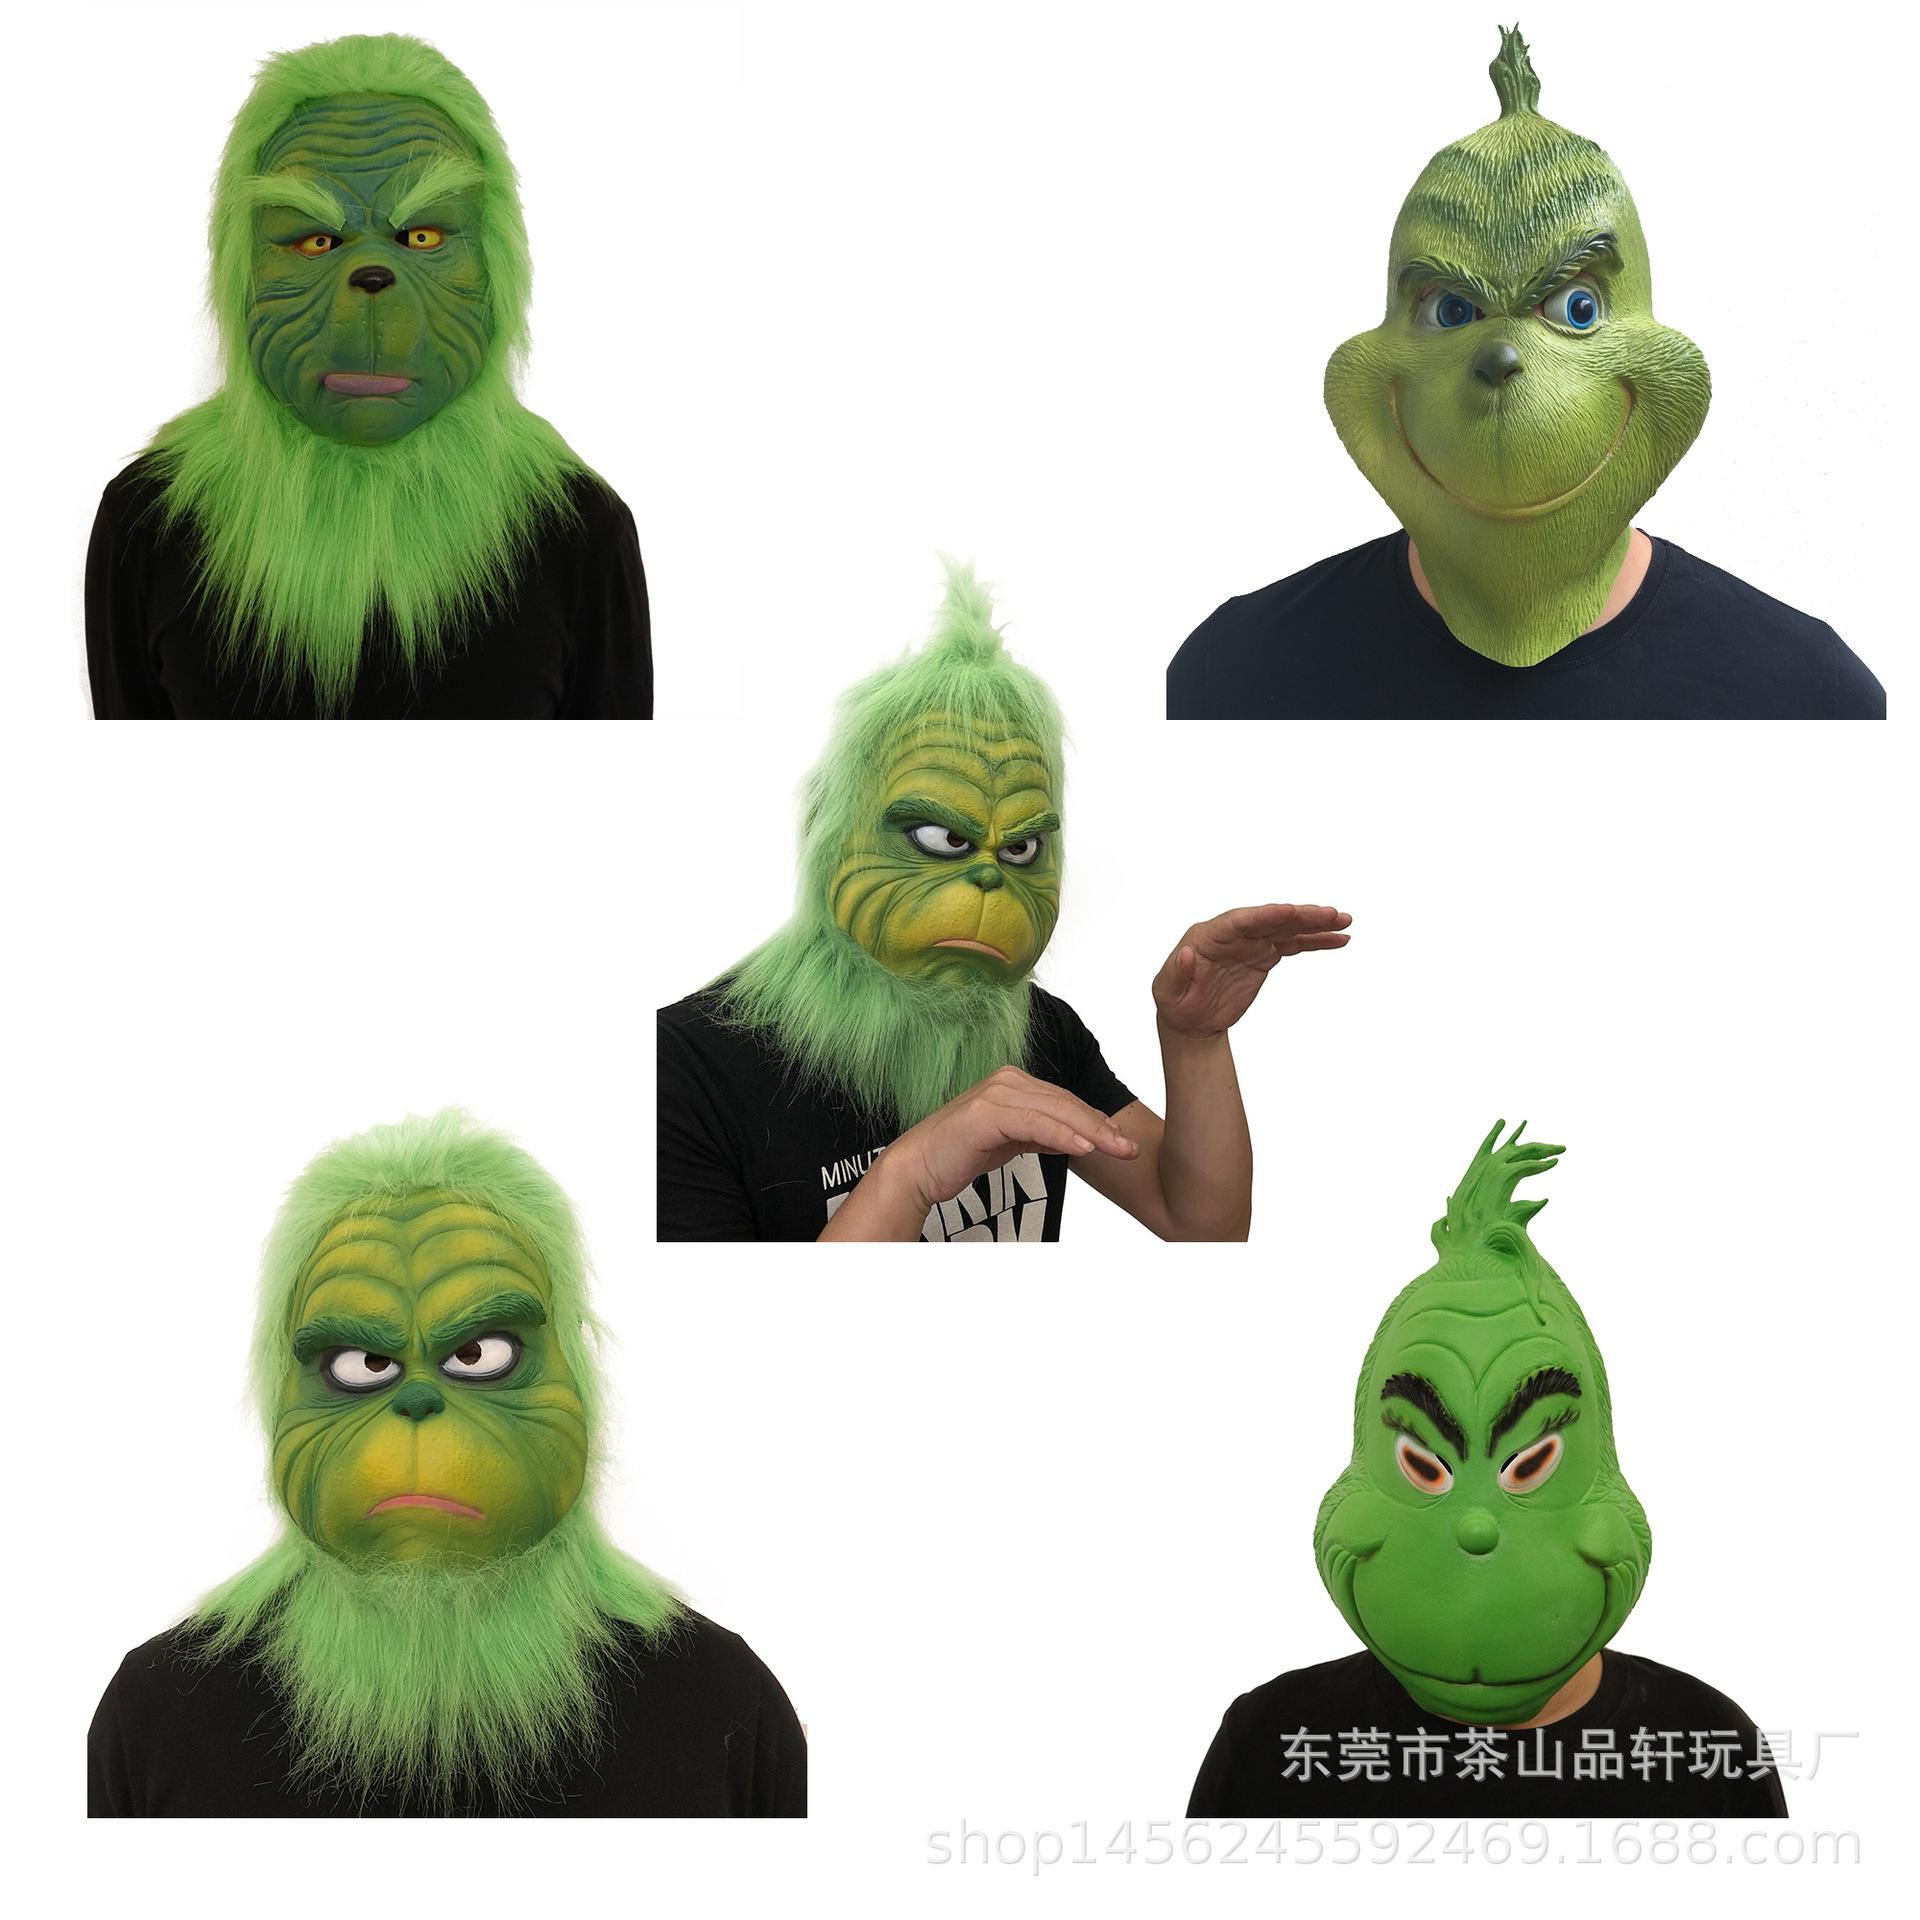 绿毛怪格林奇面具头套 cos圣诞节面具电影周边舞会角色服装道具 Изображение 1